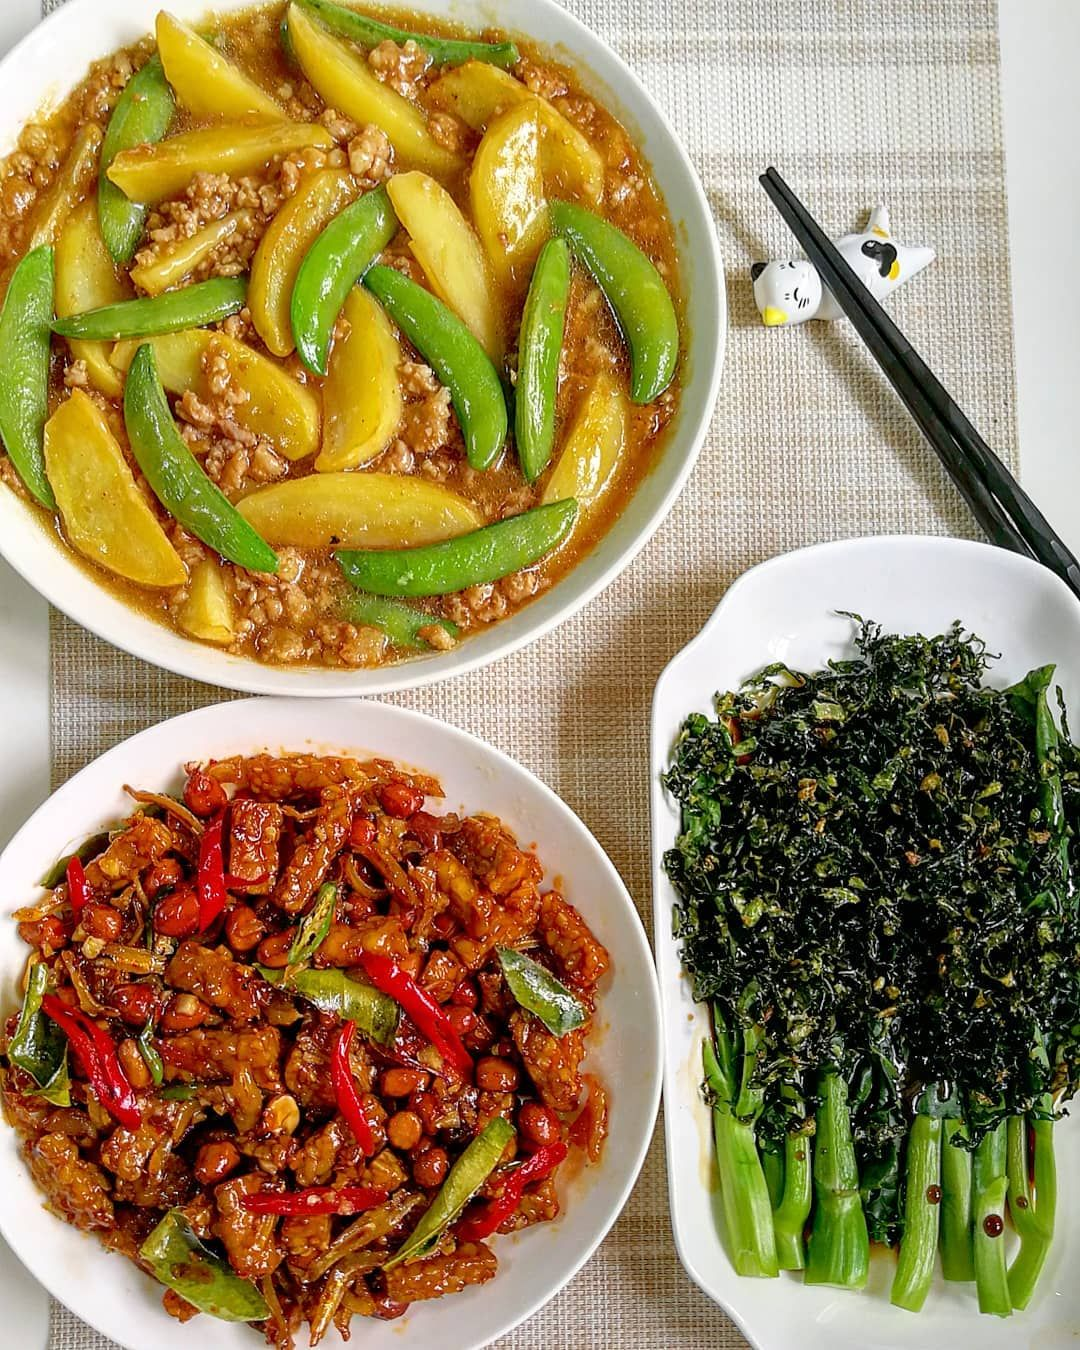 Masakan Hari Ini Kentang Tumis Daging Sambal Goreng Tempe Dan Kailan Krispi 2 Rasa Resep Kailan Krispi 2 Rasa Masakan Tumis Resep